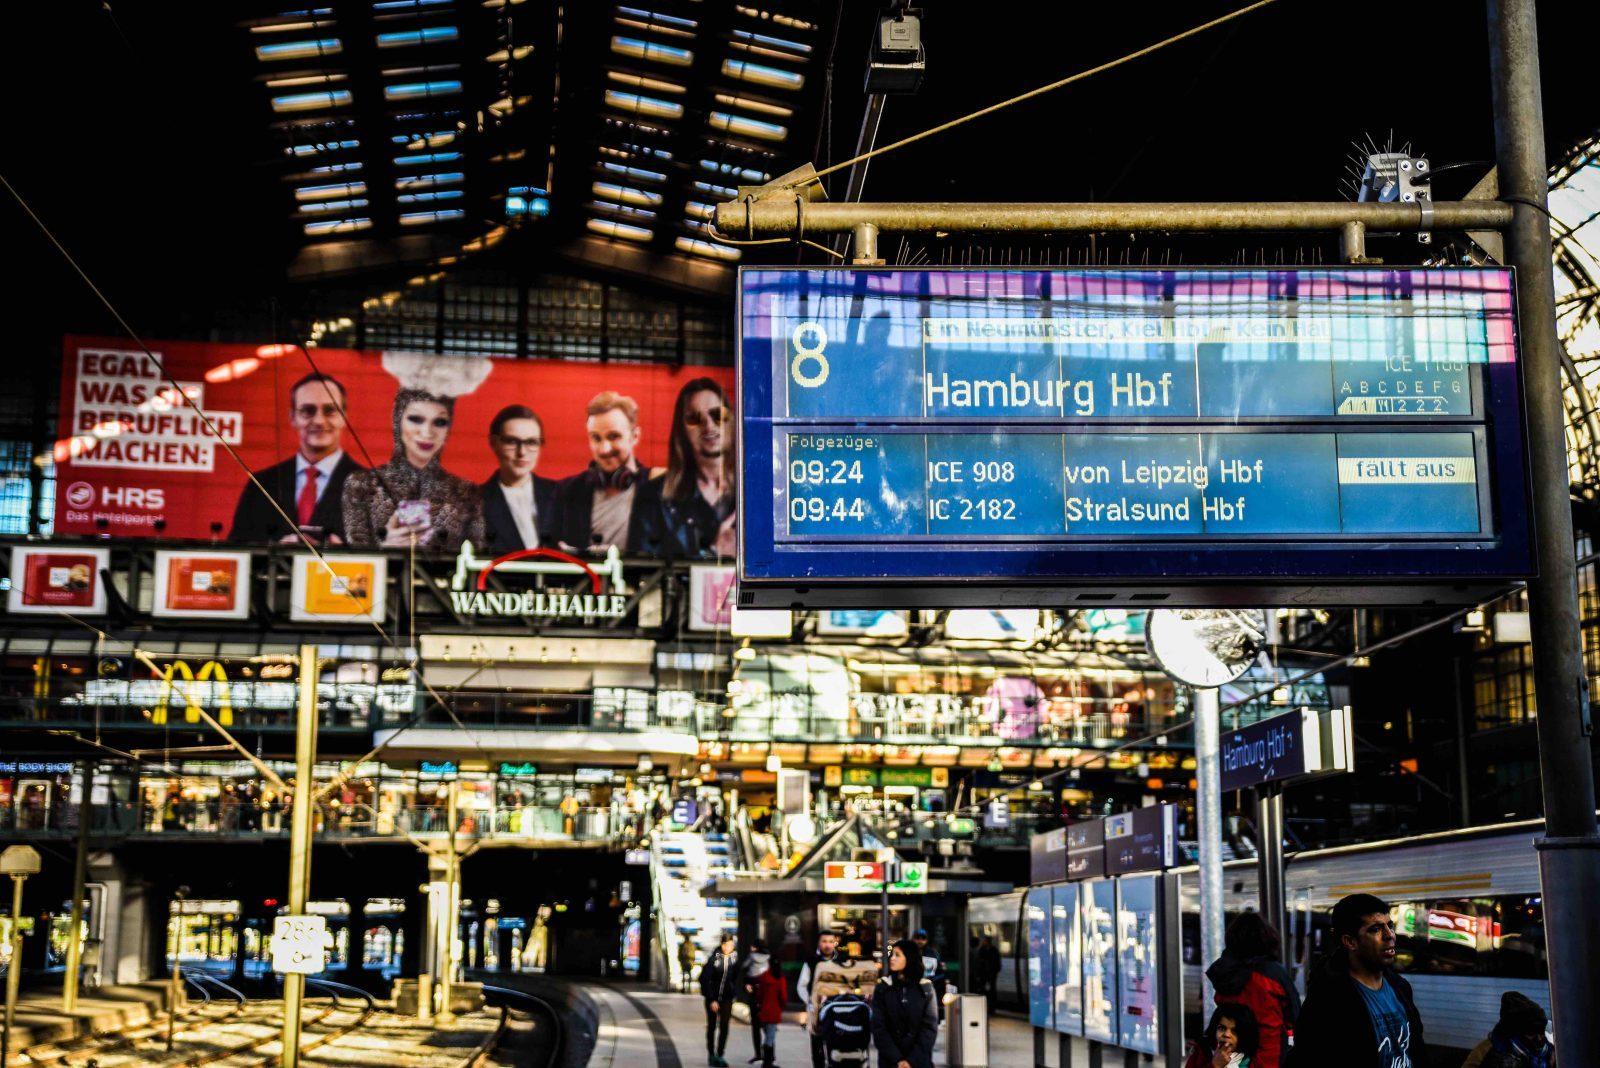 Hamburg centralstation